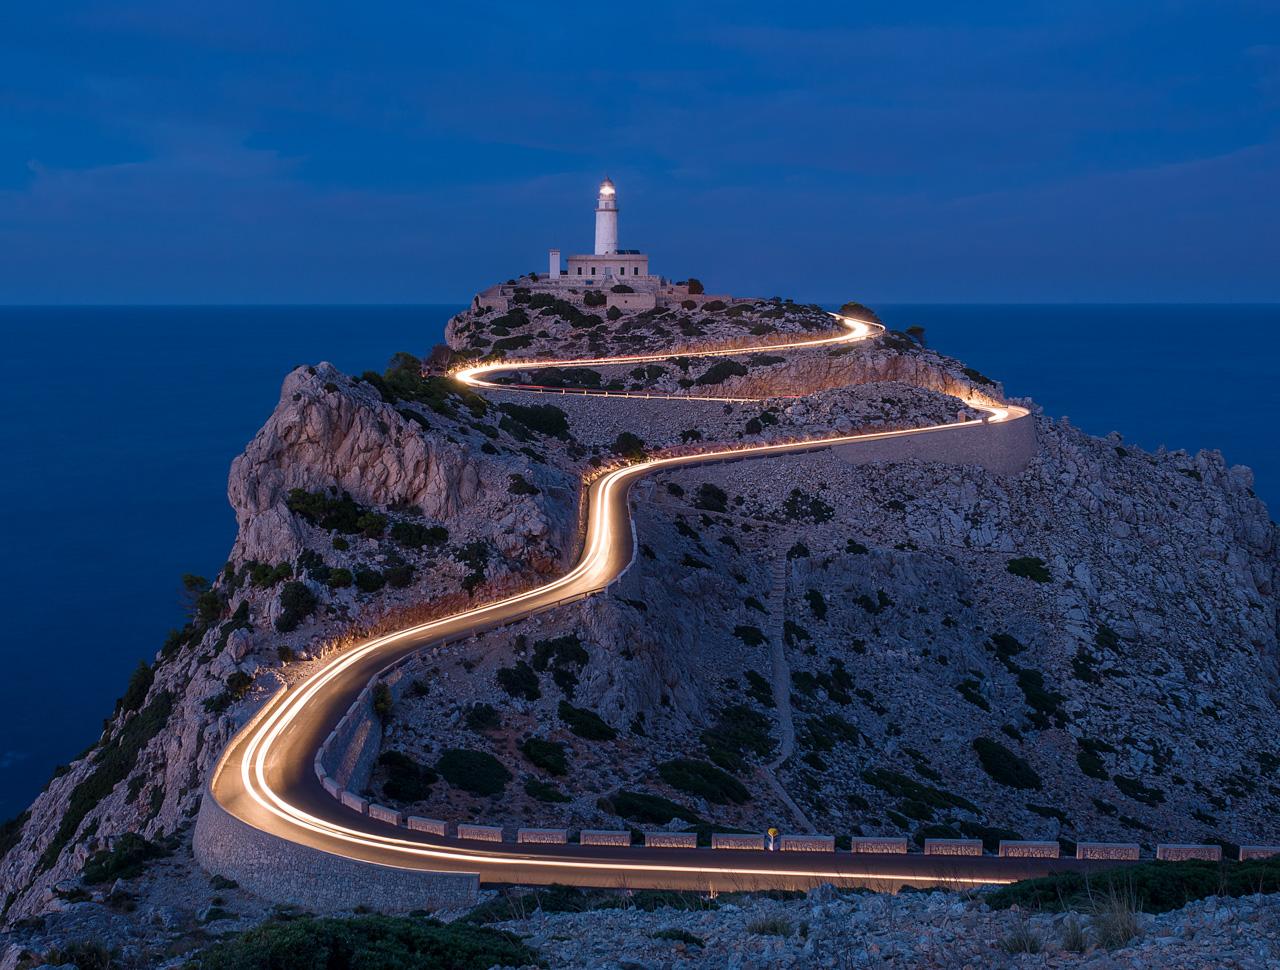 Der Leuchtturm von Kap Formentor auf Mallorca